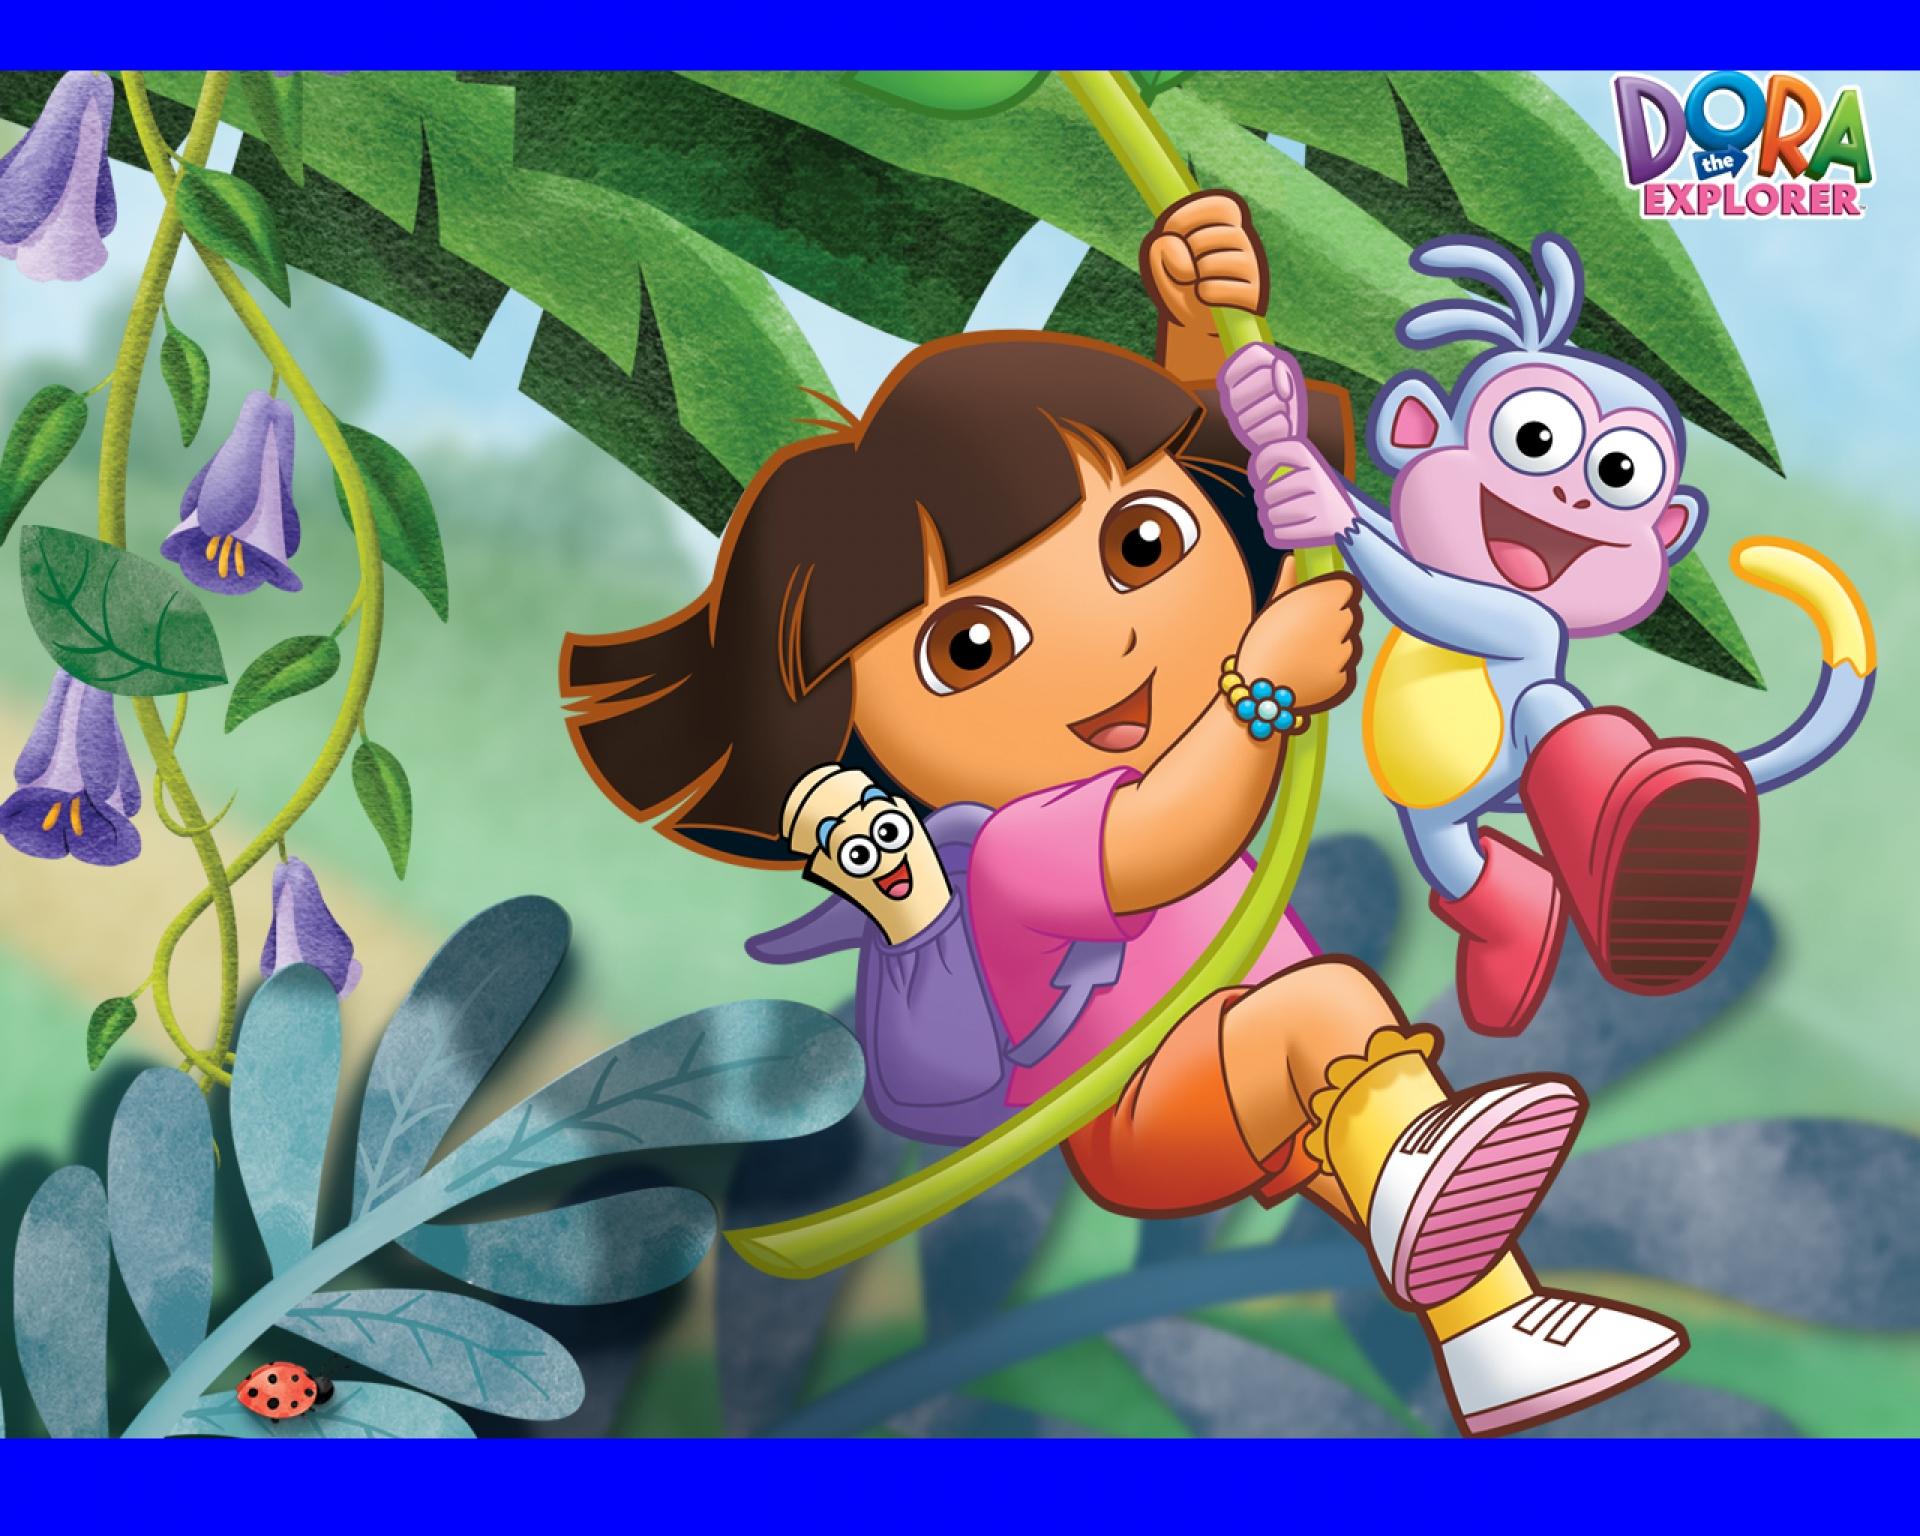 Dora The Explorer 3 Wallpaper 1920x1536 184649 Wallpaperup